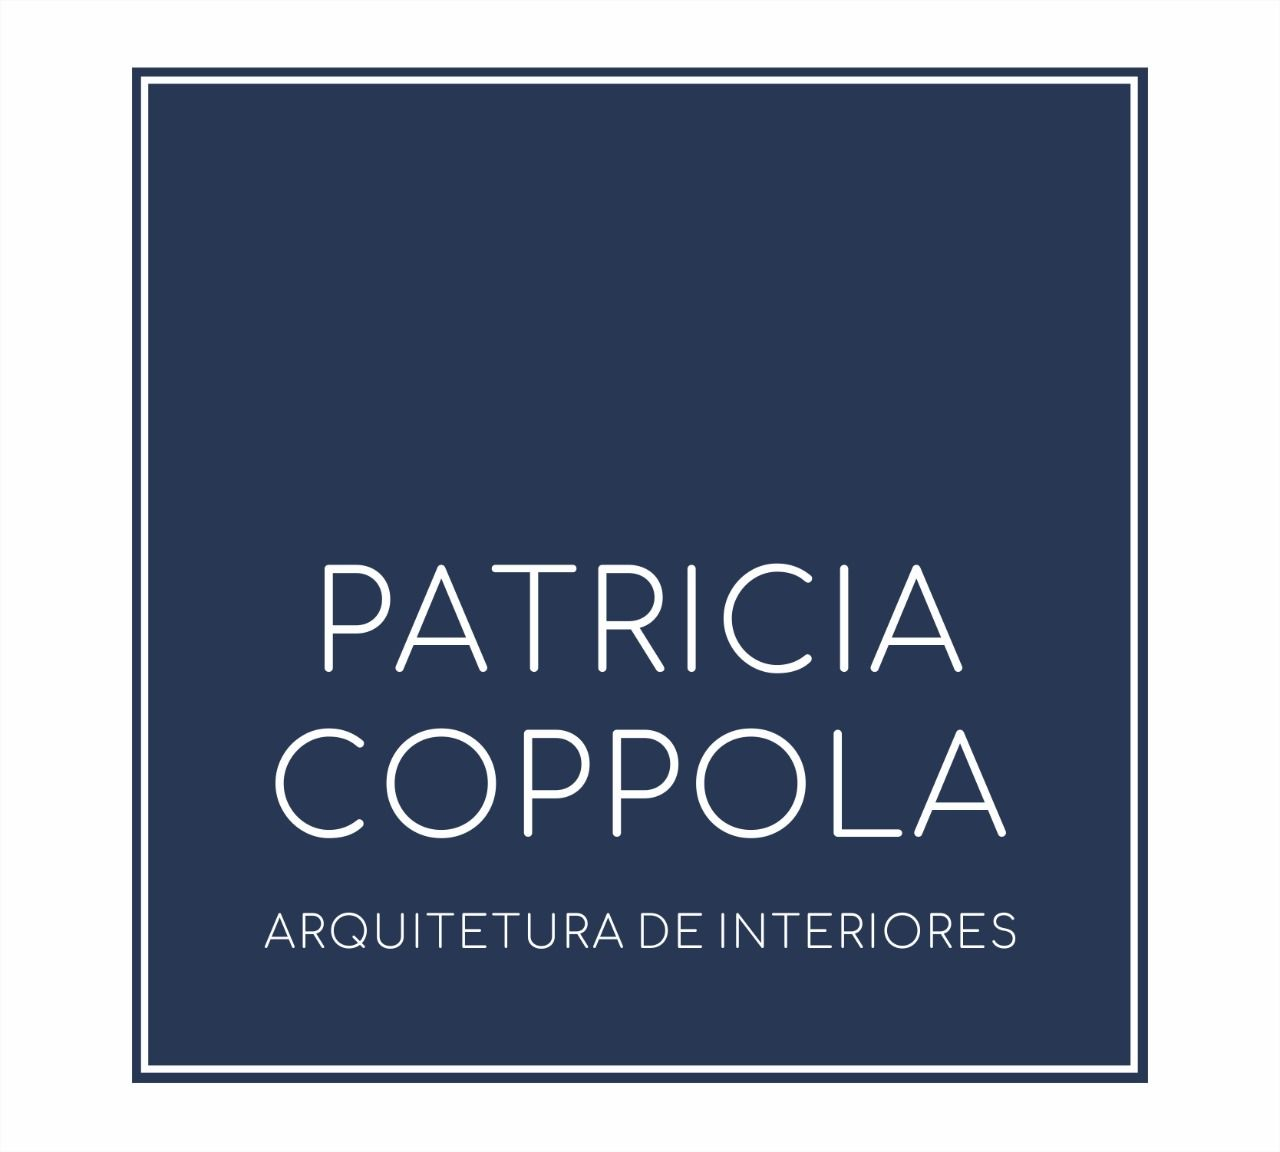 Patricia Coppola - Arquitetura Interiores em Bertioga